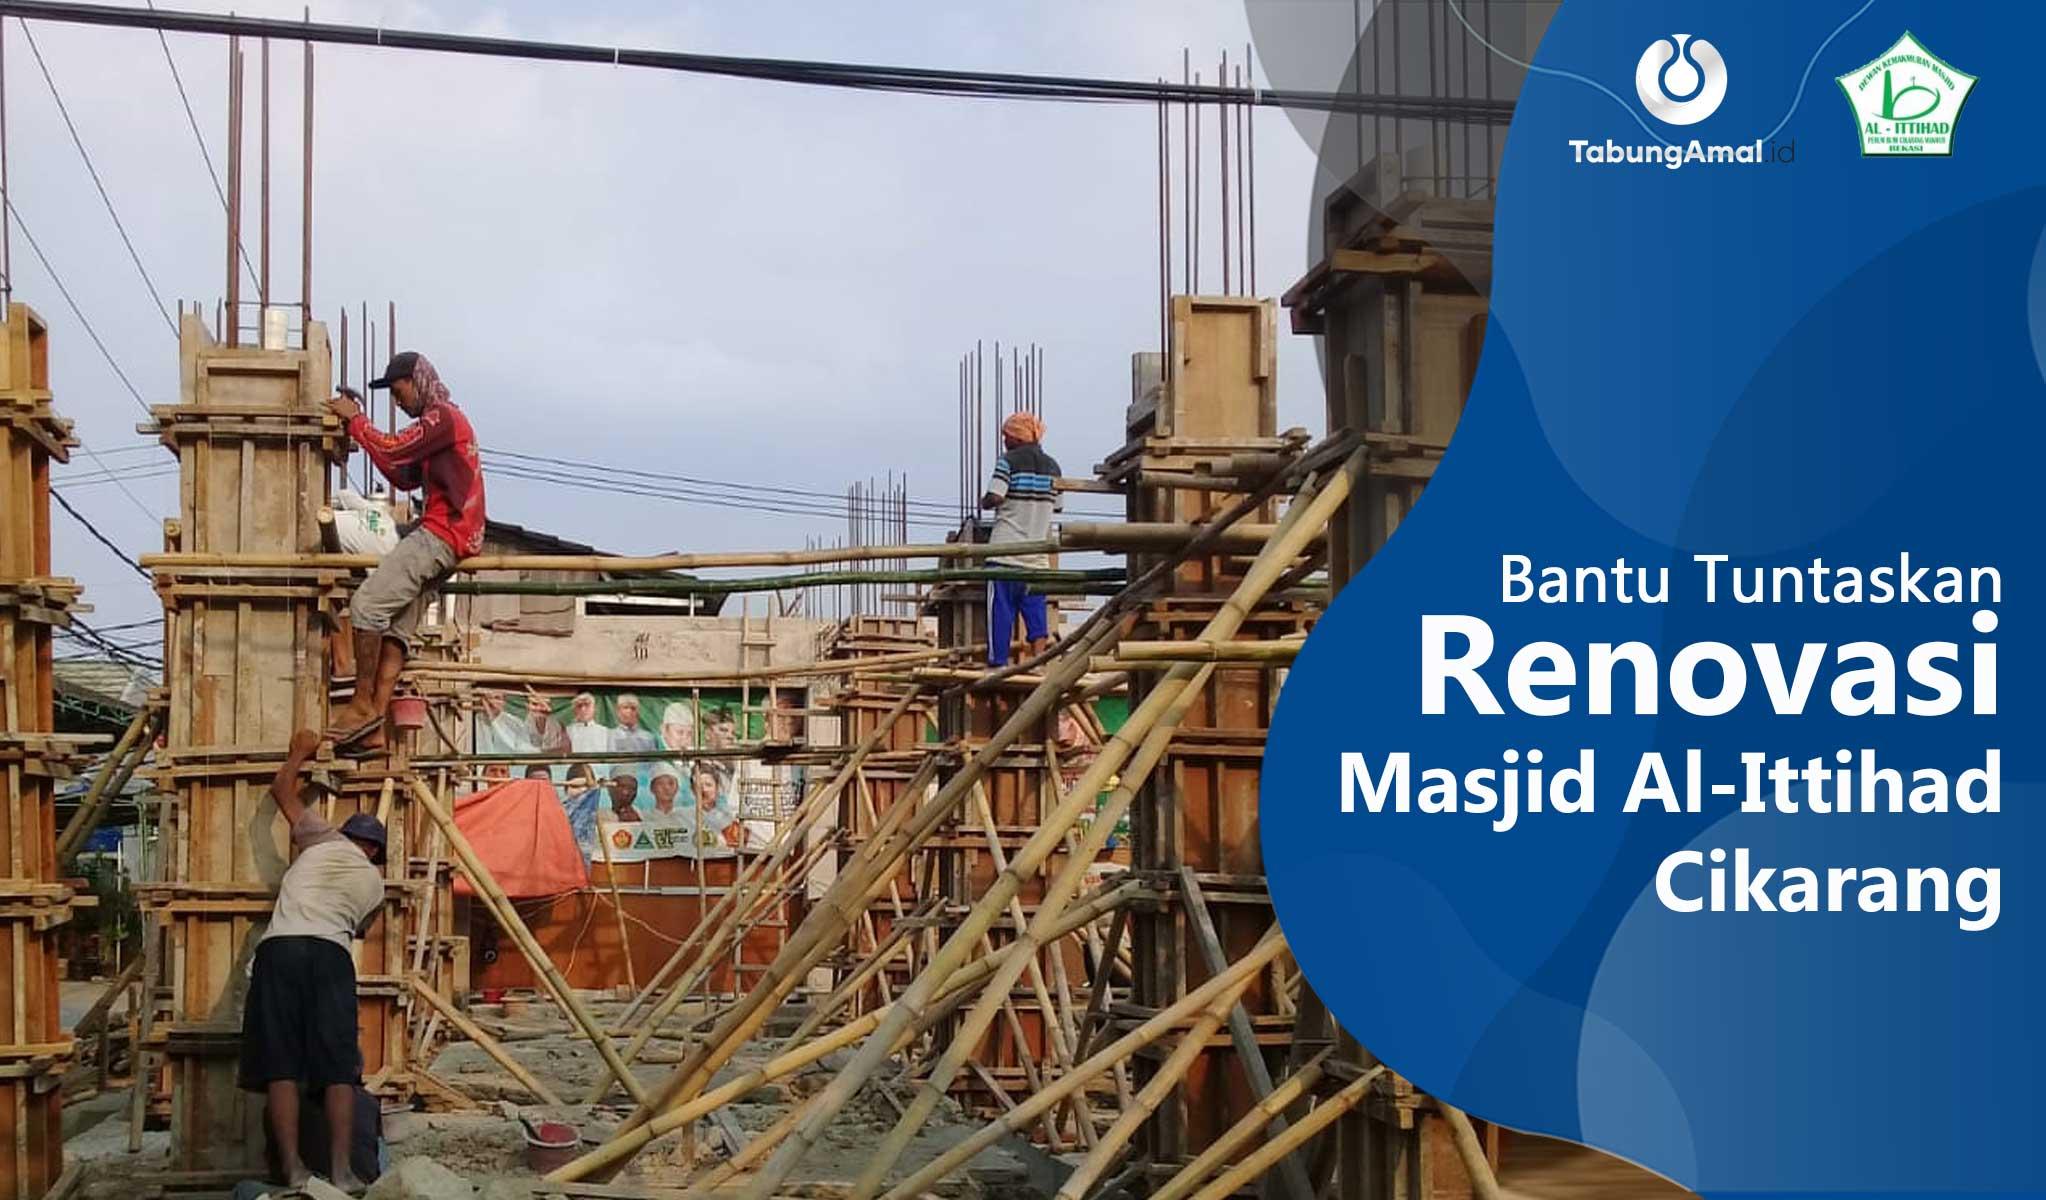 Bantu-Tuntaskan-Renovasi-Masjid-Al-Ittihad-Cikarang1600226847.jpg